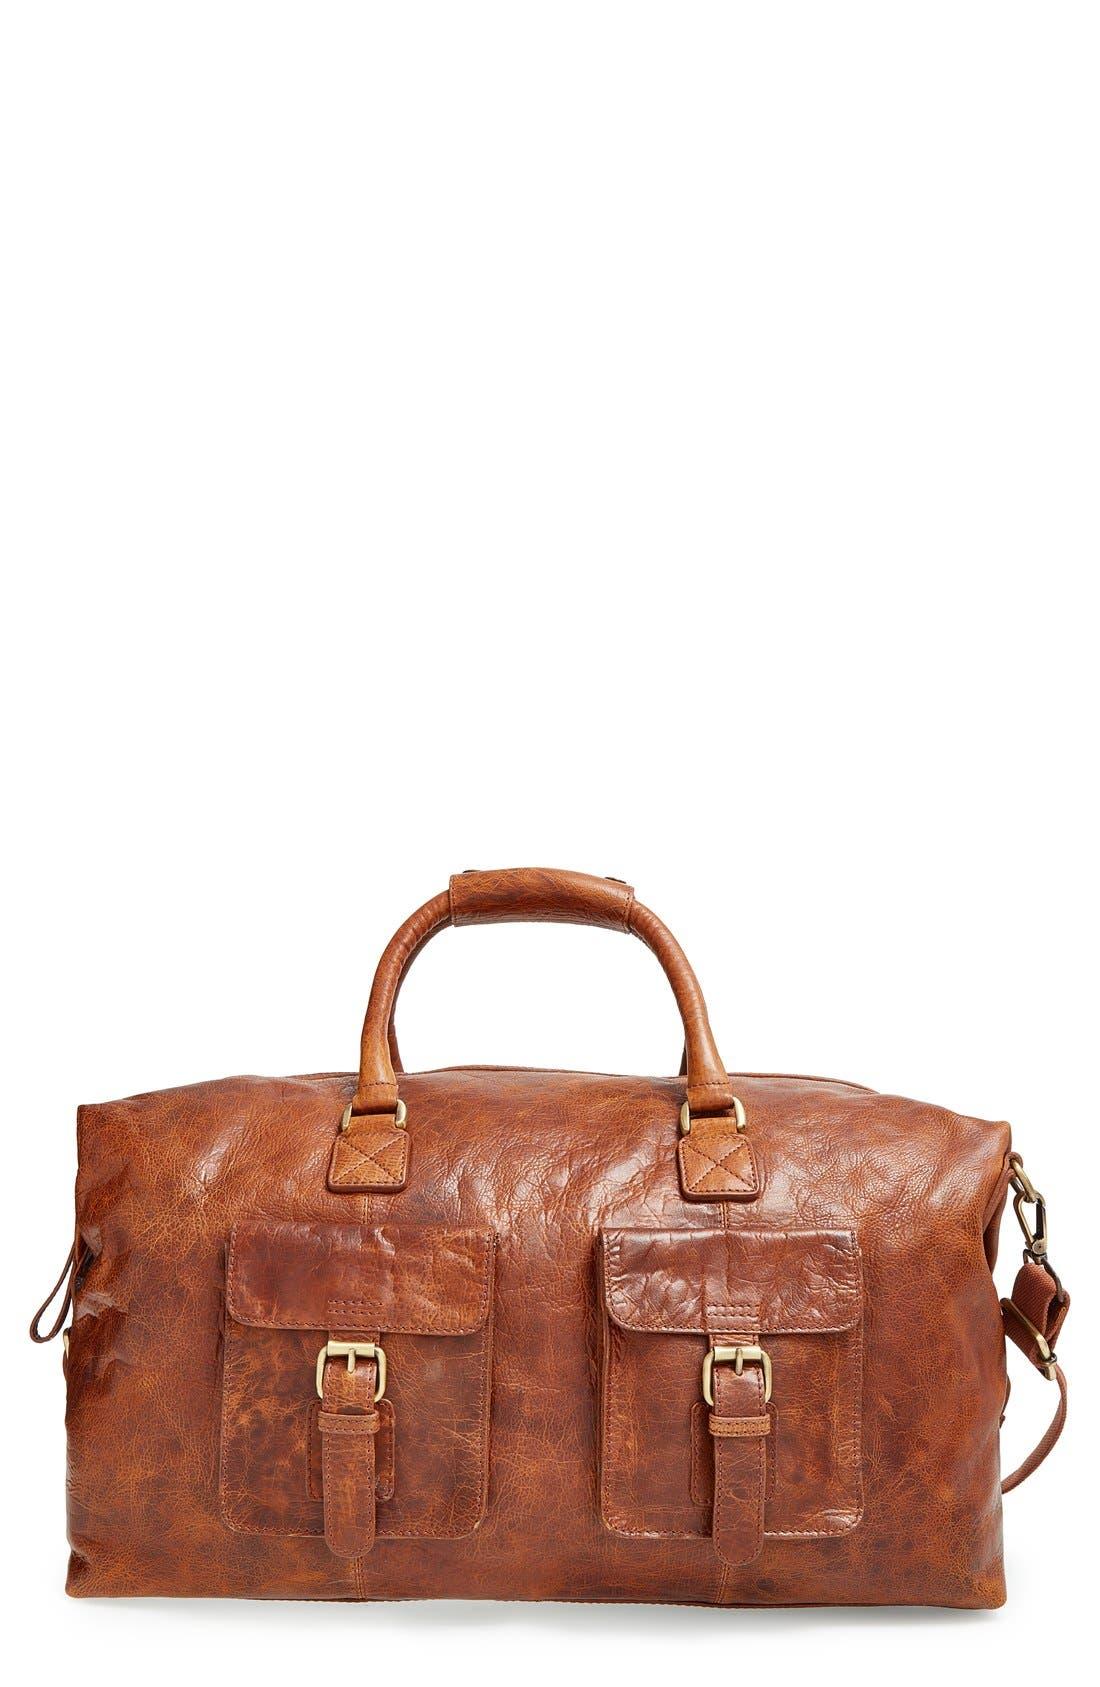 Rawlings® 'Rugged' Leather Duffel Bag